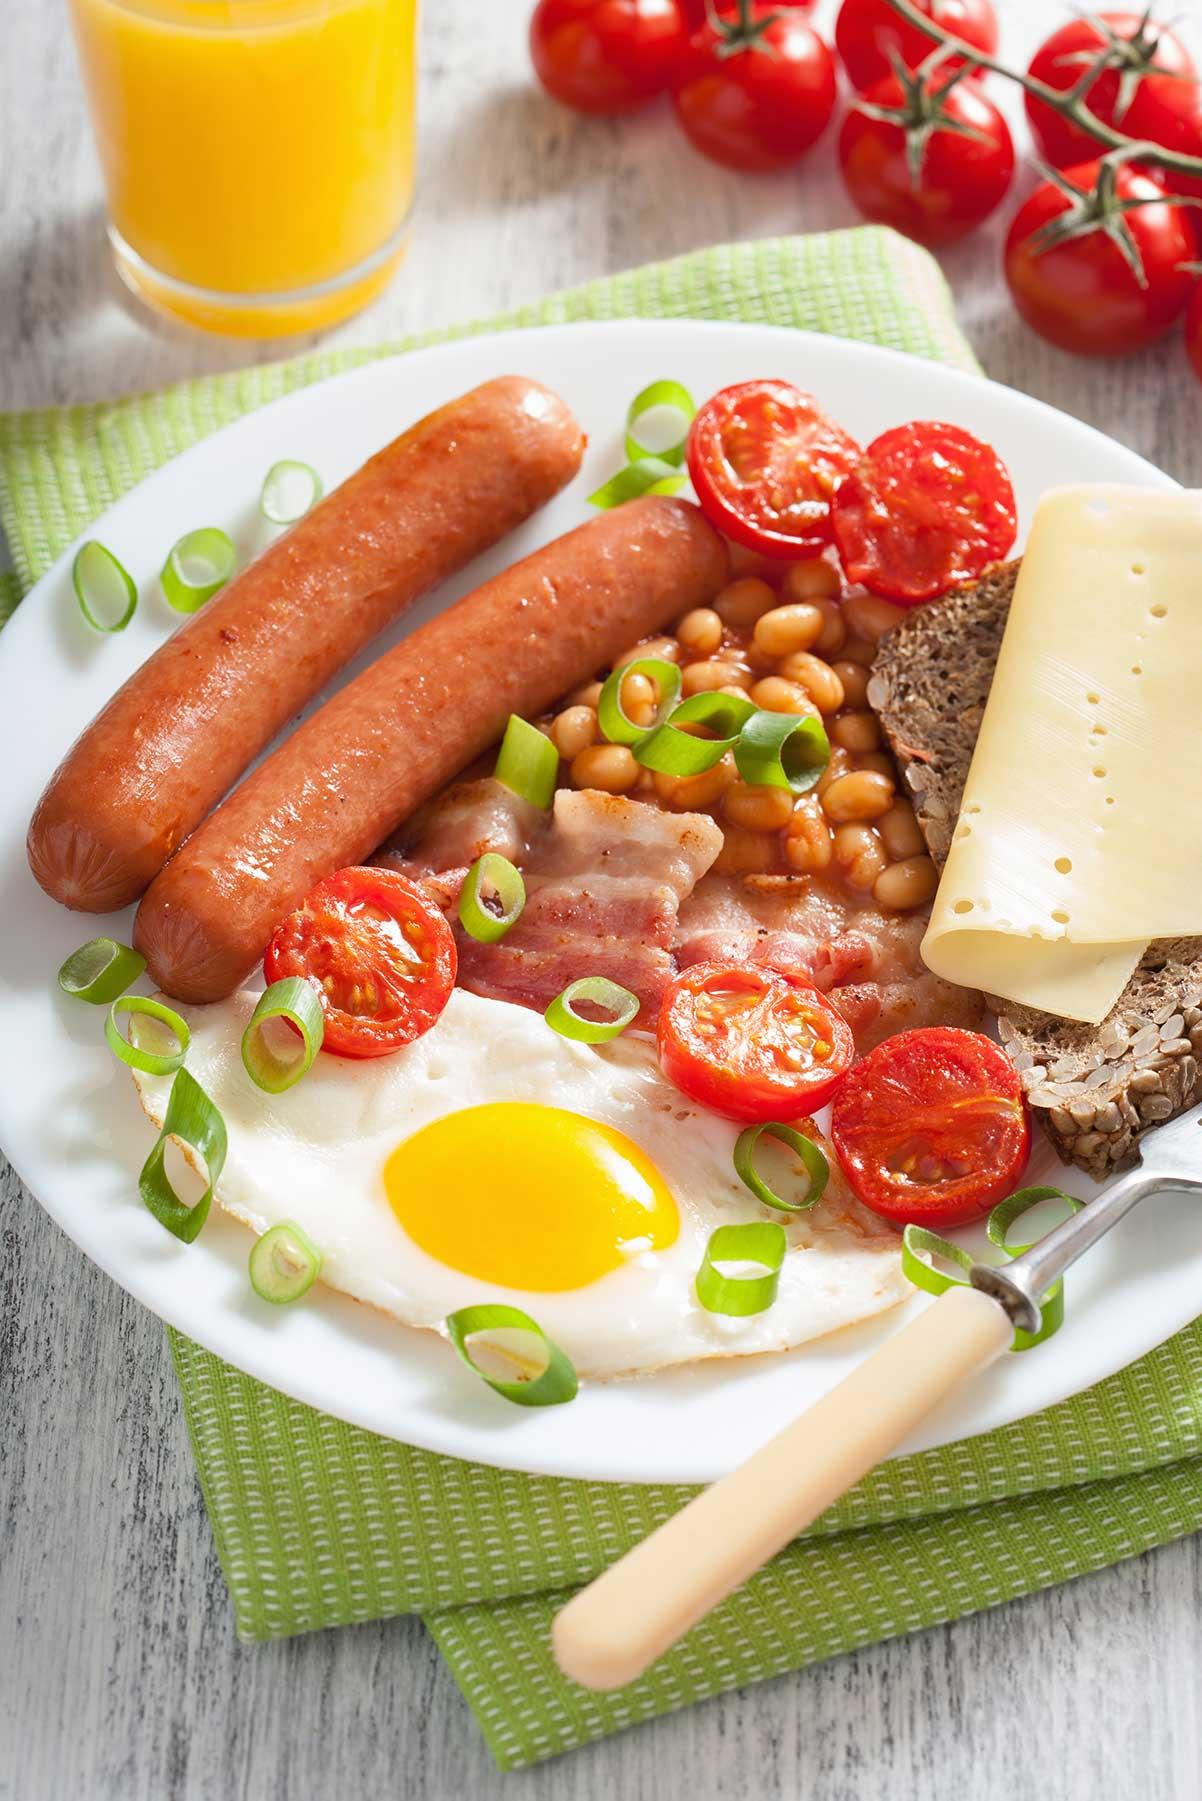 Desayuno con huevos